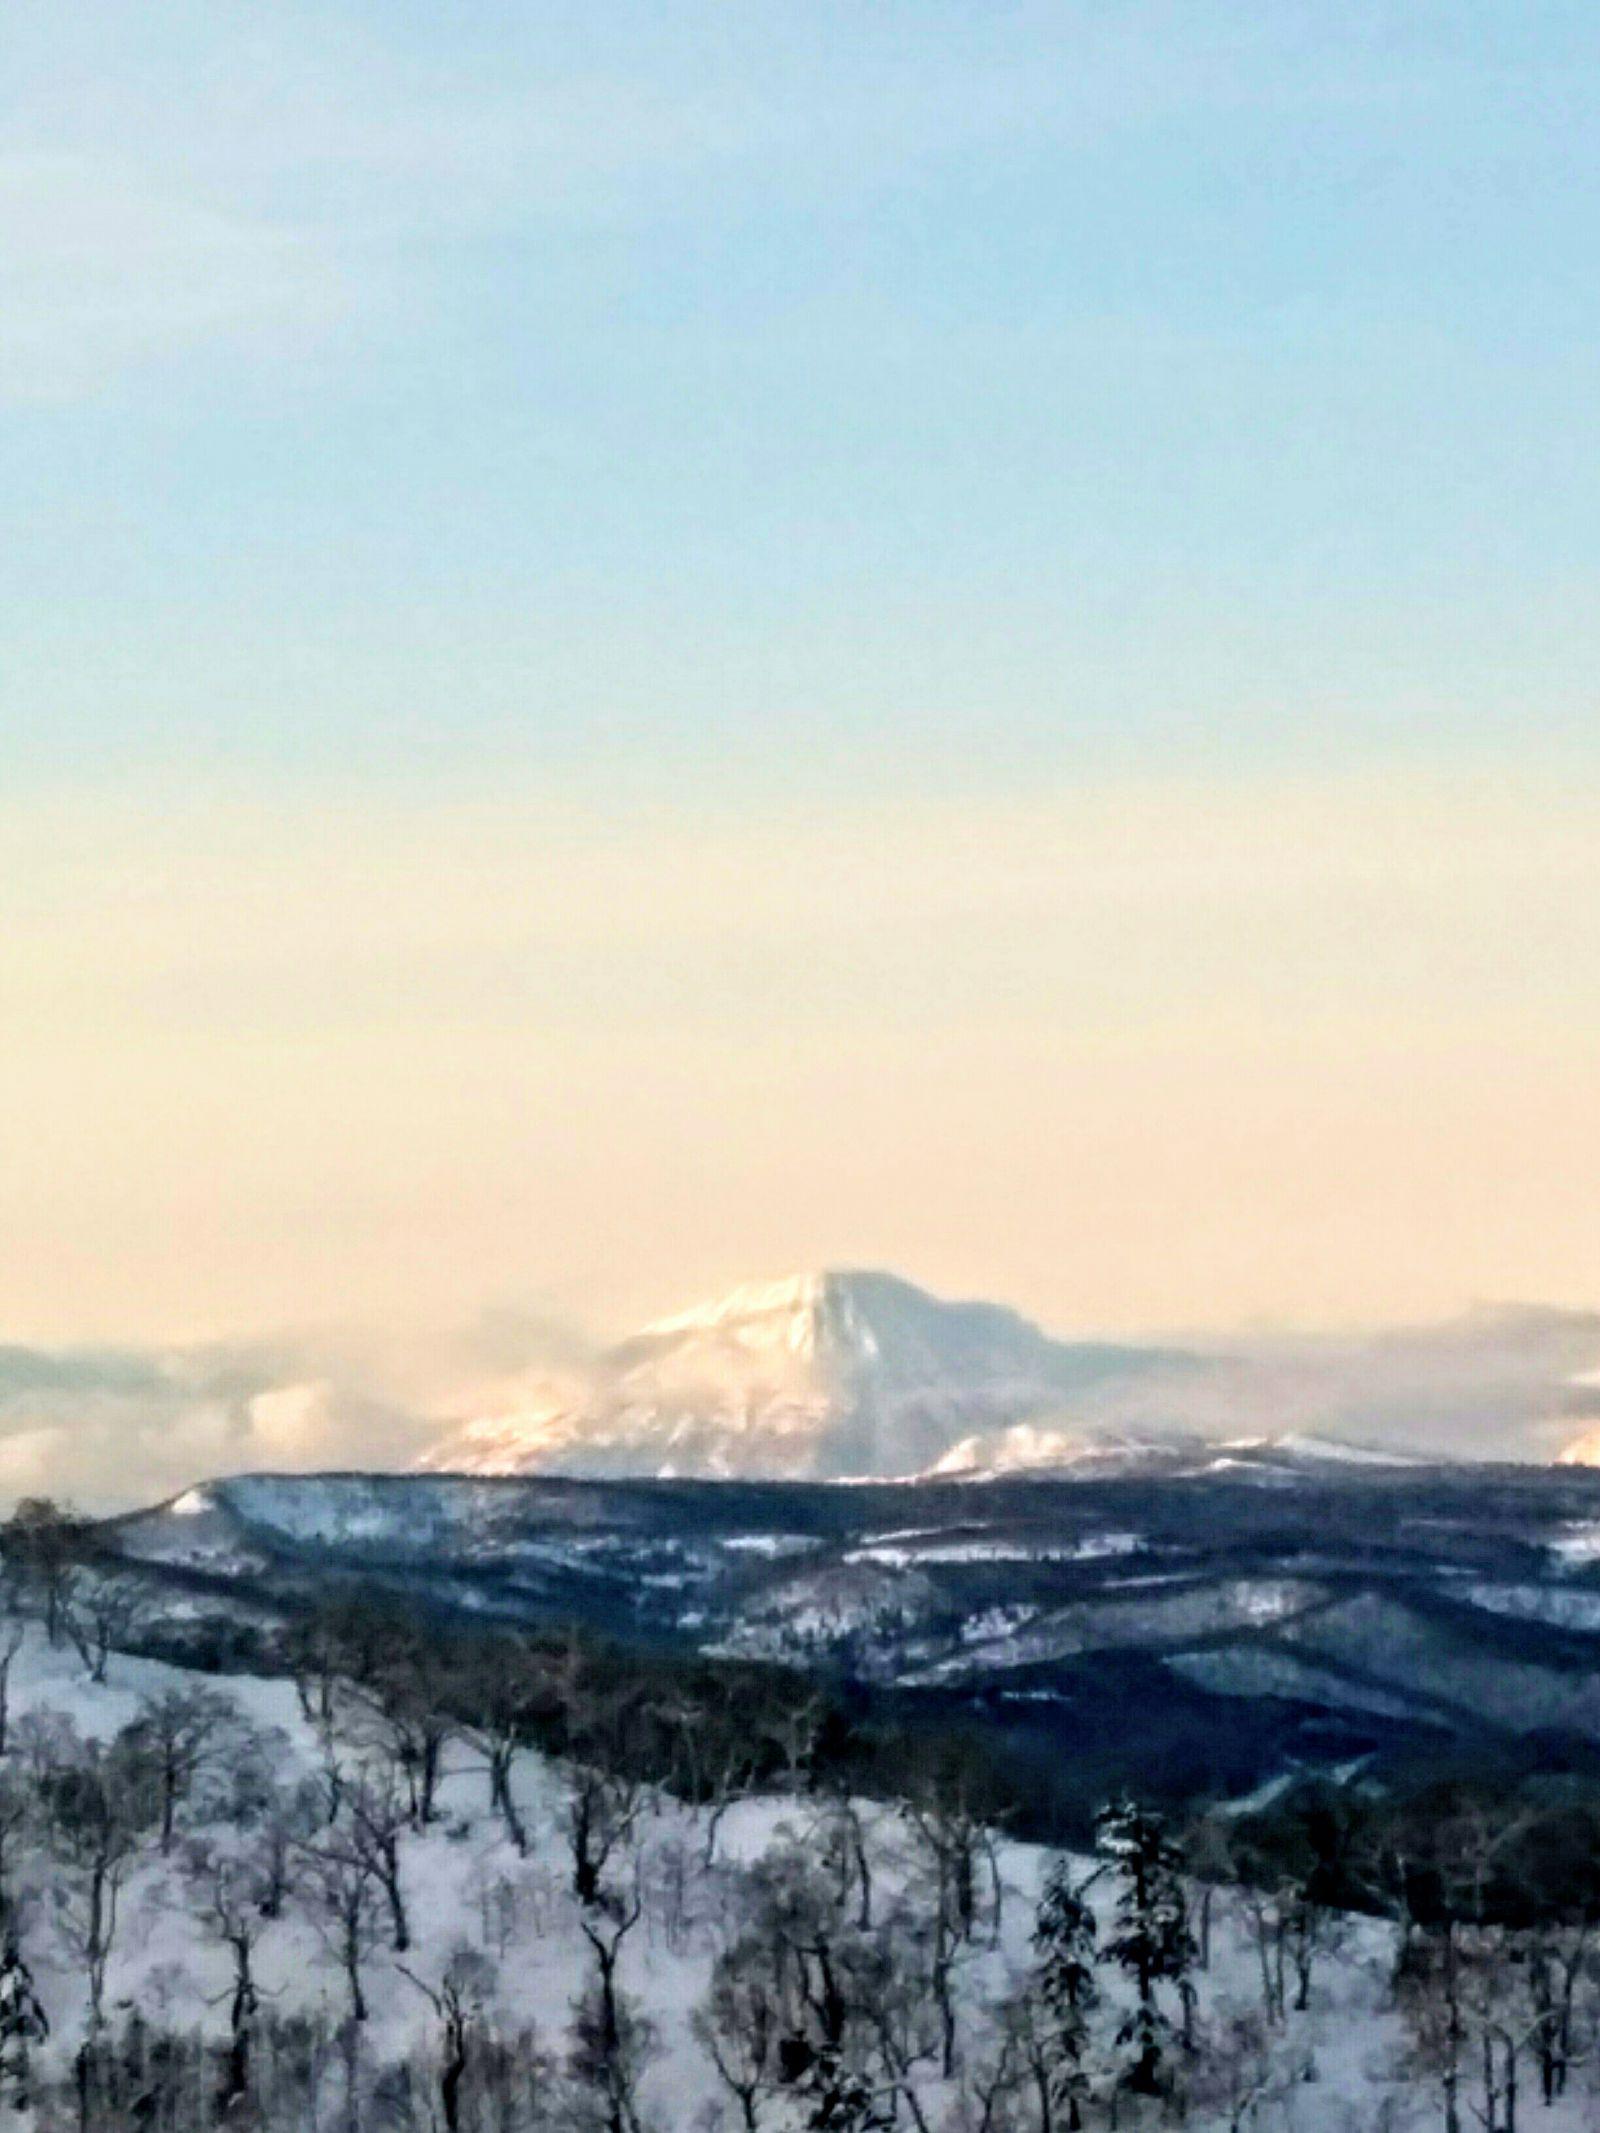 【オロフレ峠】オロフレ峠からの風景写真です。